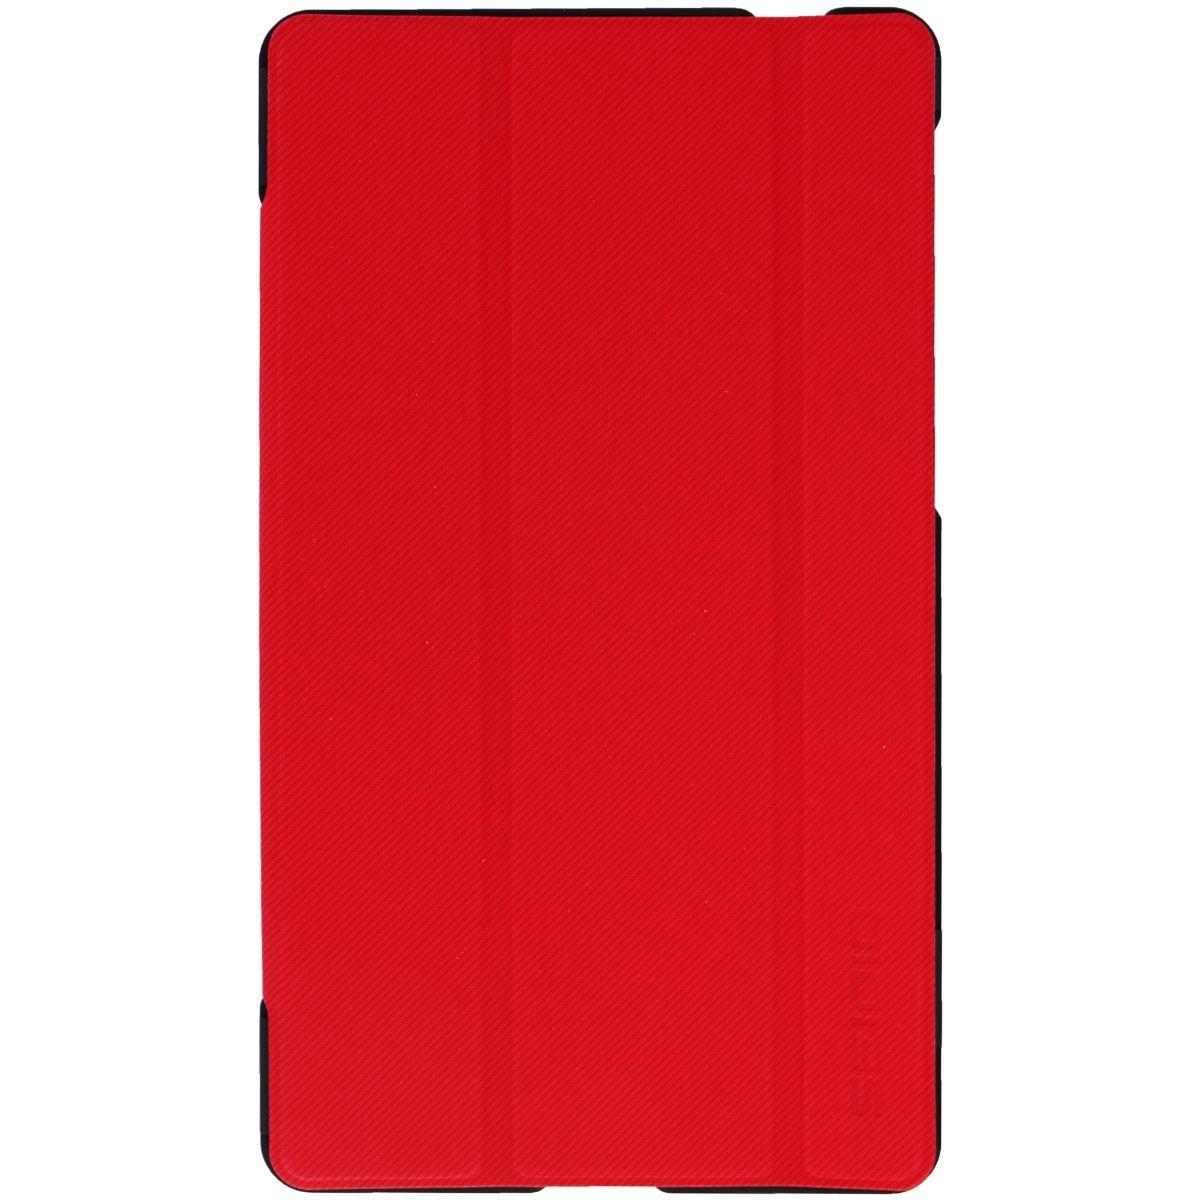 Seidio LEDGER Folio Case for LG Google Nexus 7 (2013) - Red